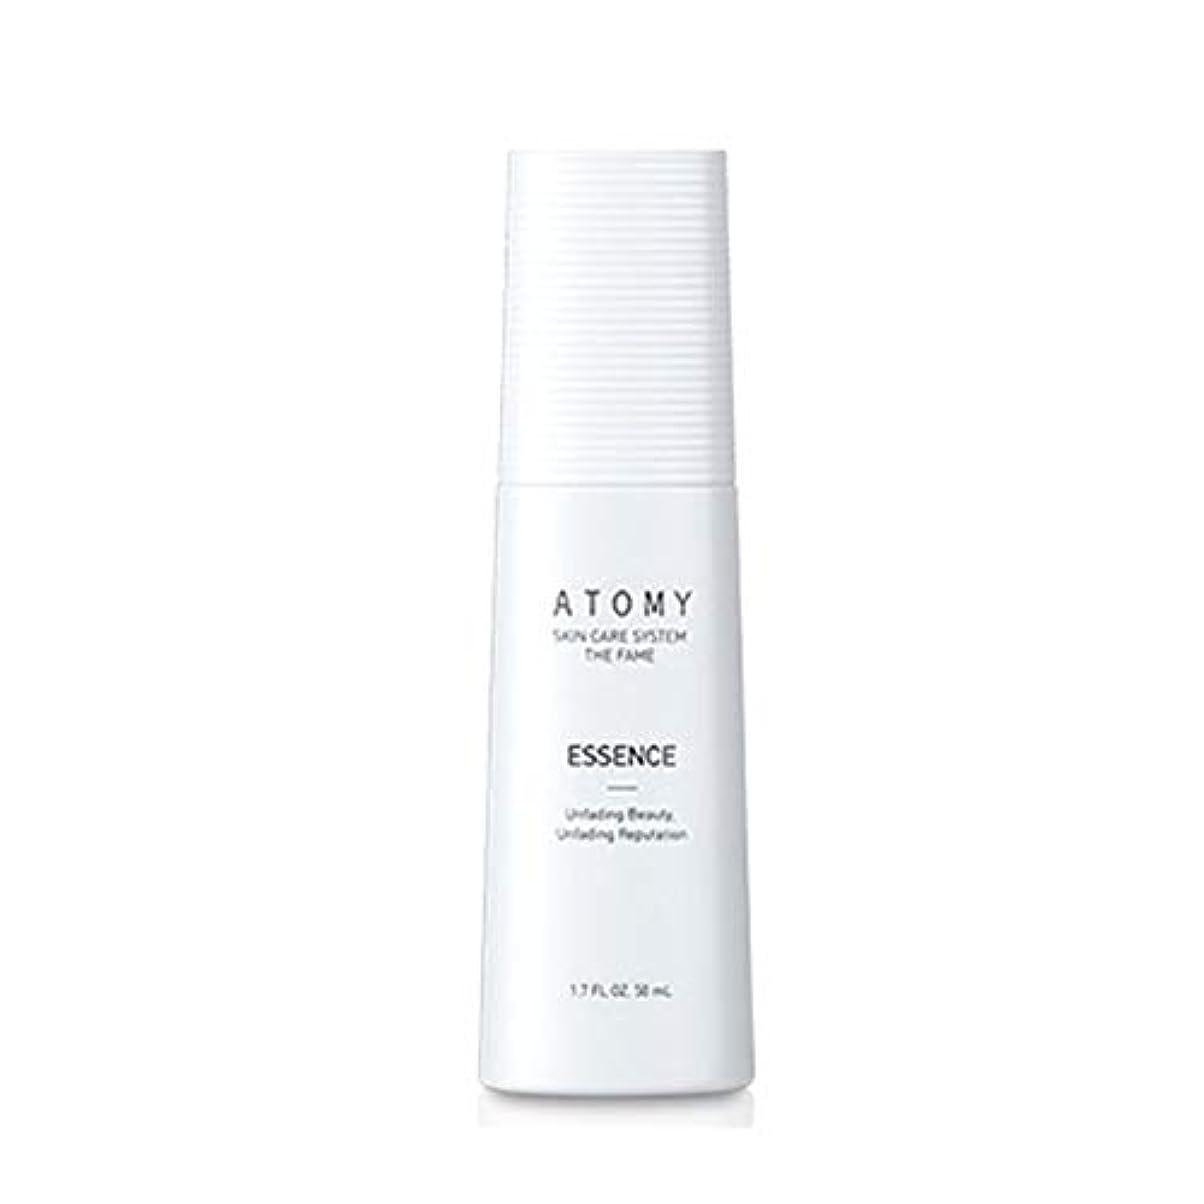 ジャンピングジャック宝不適当アトミザ?フェームエッセンス50ml韓国コスメ、Atomy The Fame Essence 50ml Korean Cosmetics [並行輸入品]